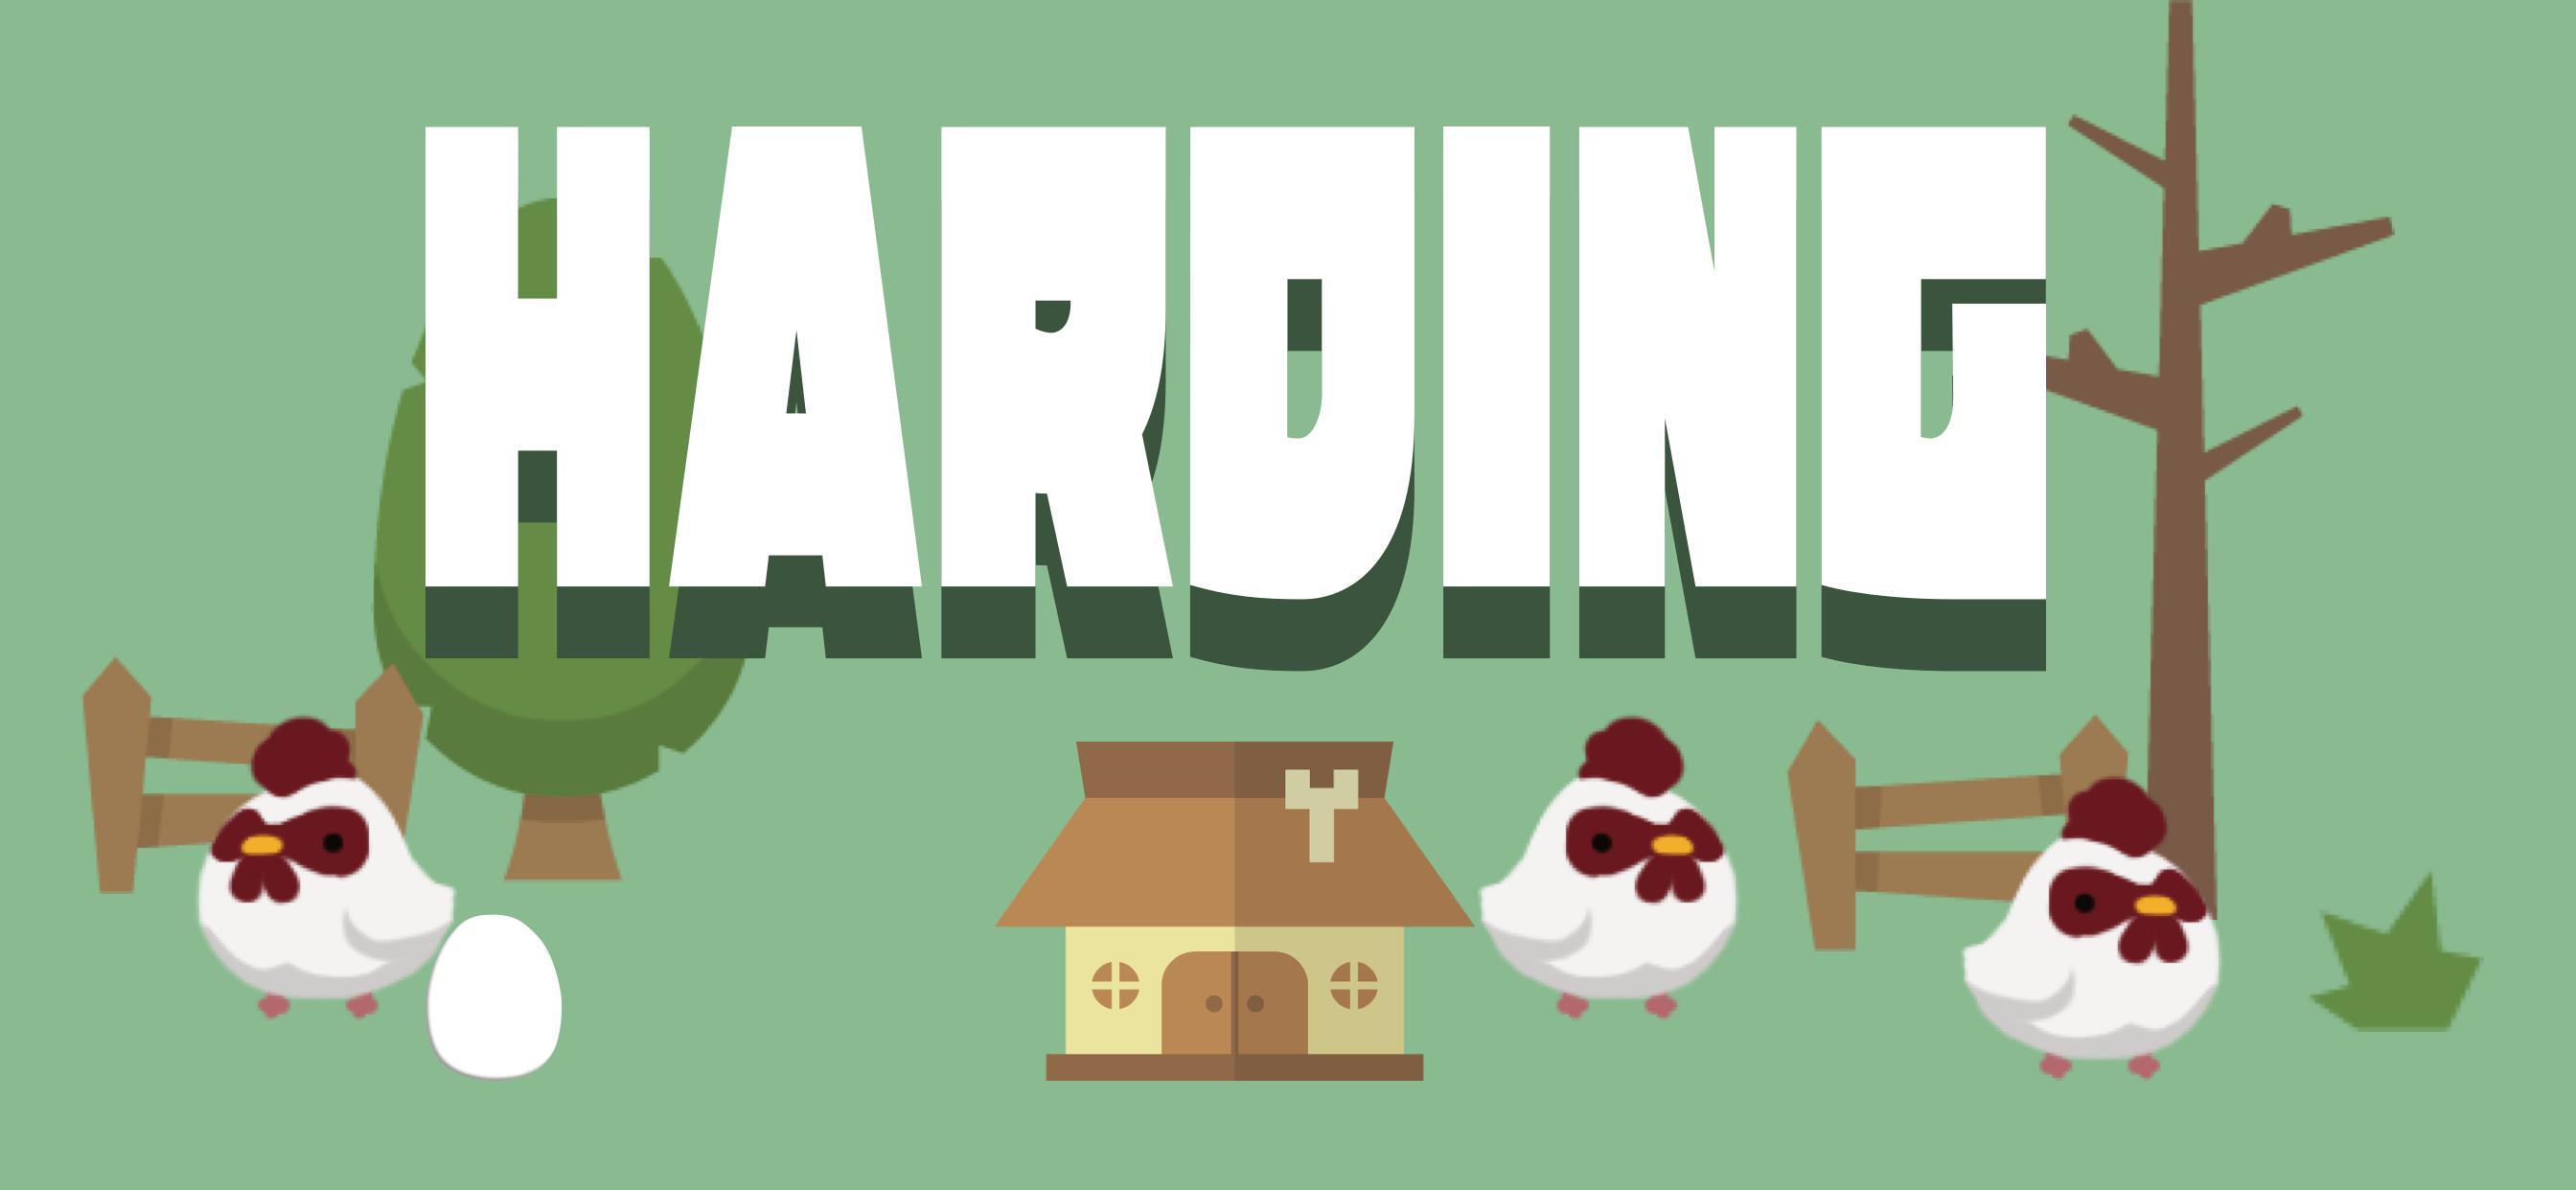 Harding – なぞって囲って増やして、放牧生活